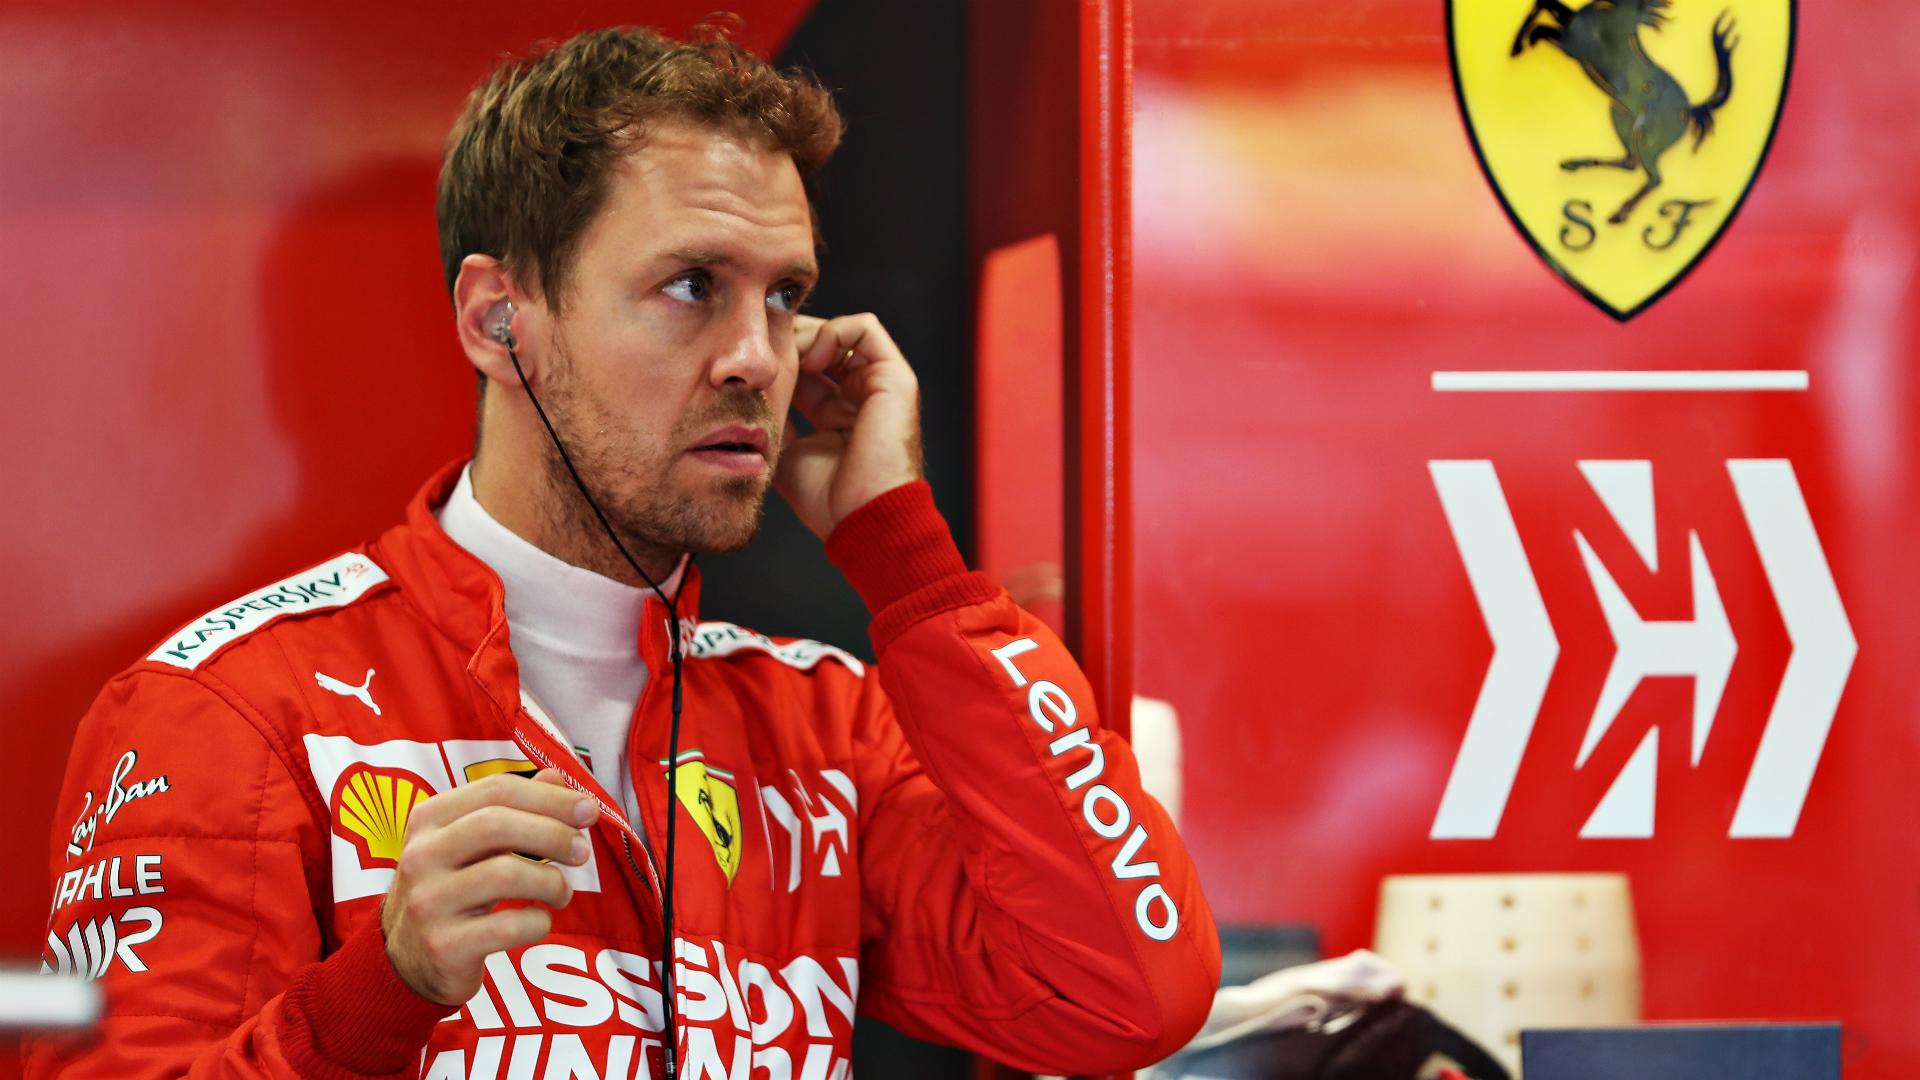 Ferrari to assess 'performance and motivation' of Sebastian Vettel next season